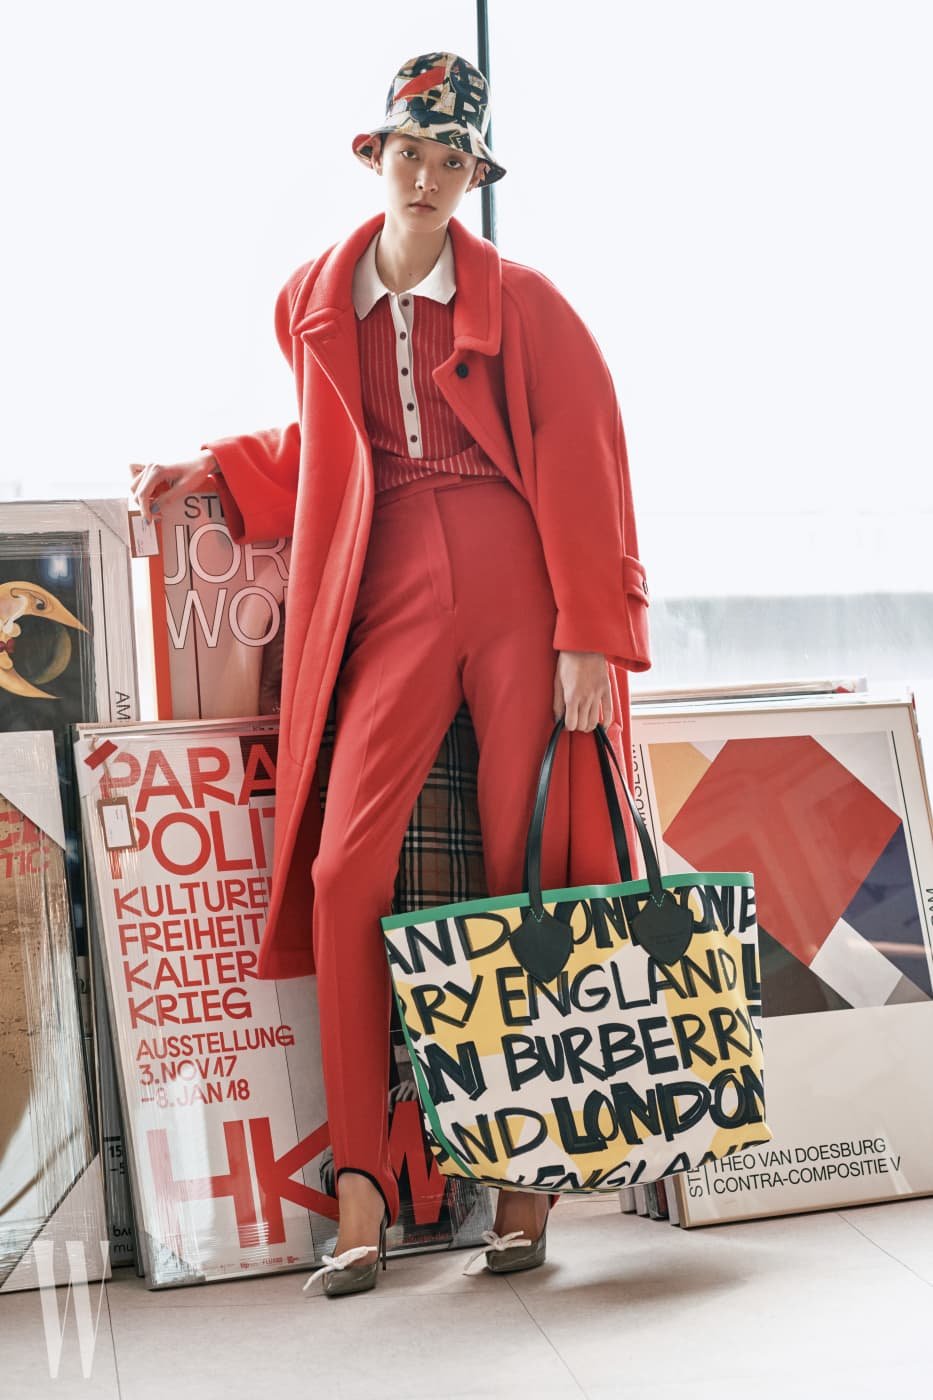 빨간색 립 니트 폴로 셔츠, 빨강 카 코트, 하이웨이스트 승마바지, 로프 장식 회색 스틸레토 힐 슈즈, 멀티 컬러 그라피티 프린트 버킷 모자, 그라피티 프린트 자이언트 토트백은 모두 버버리 제품.